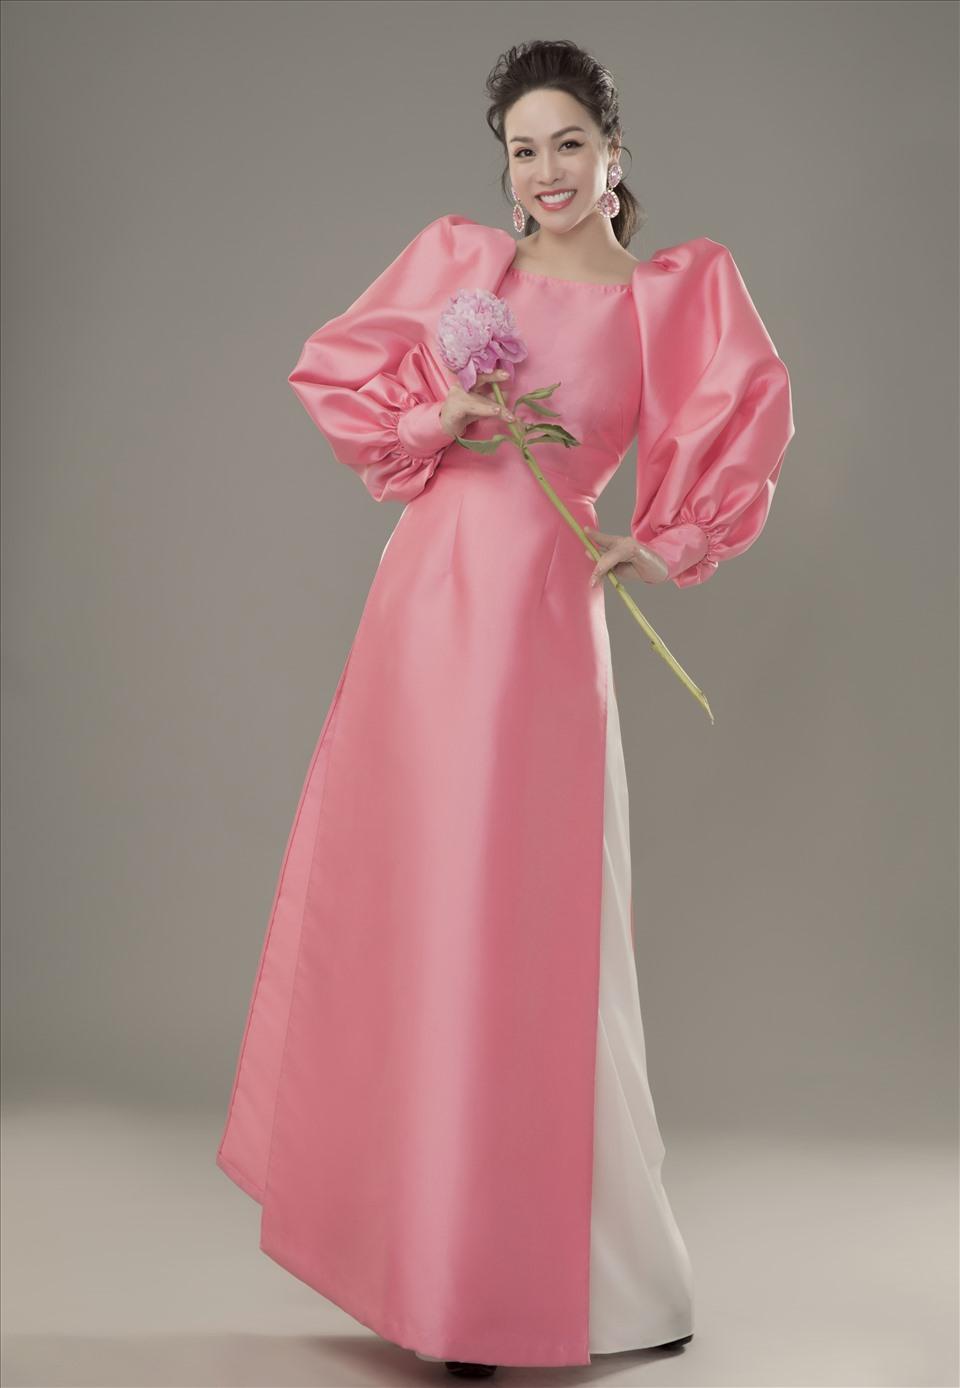 Nhật Kim Anh cảm ơn khán giả đã luôn dành tình yêu thương và ủng hộ cô trong suột thời gian qua.